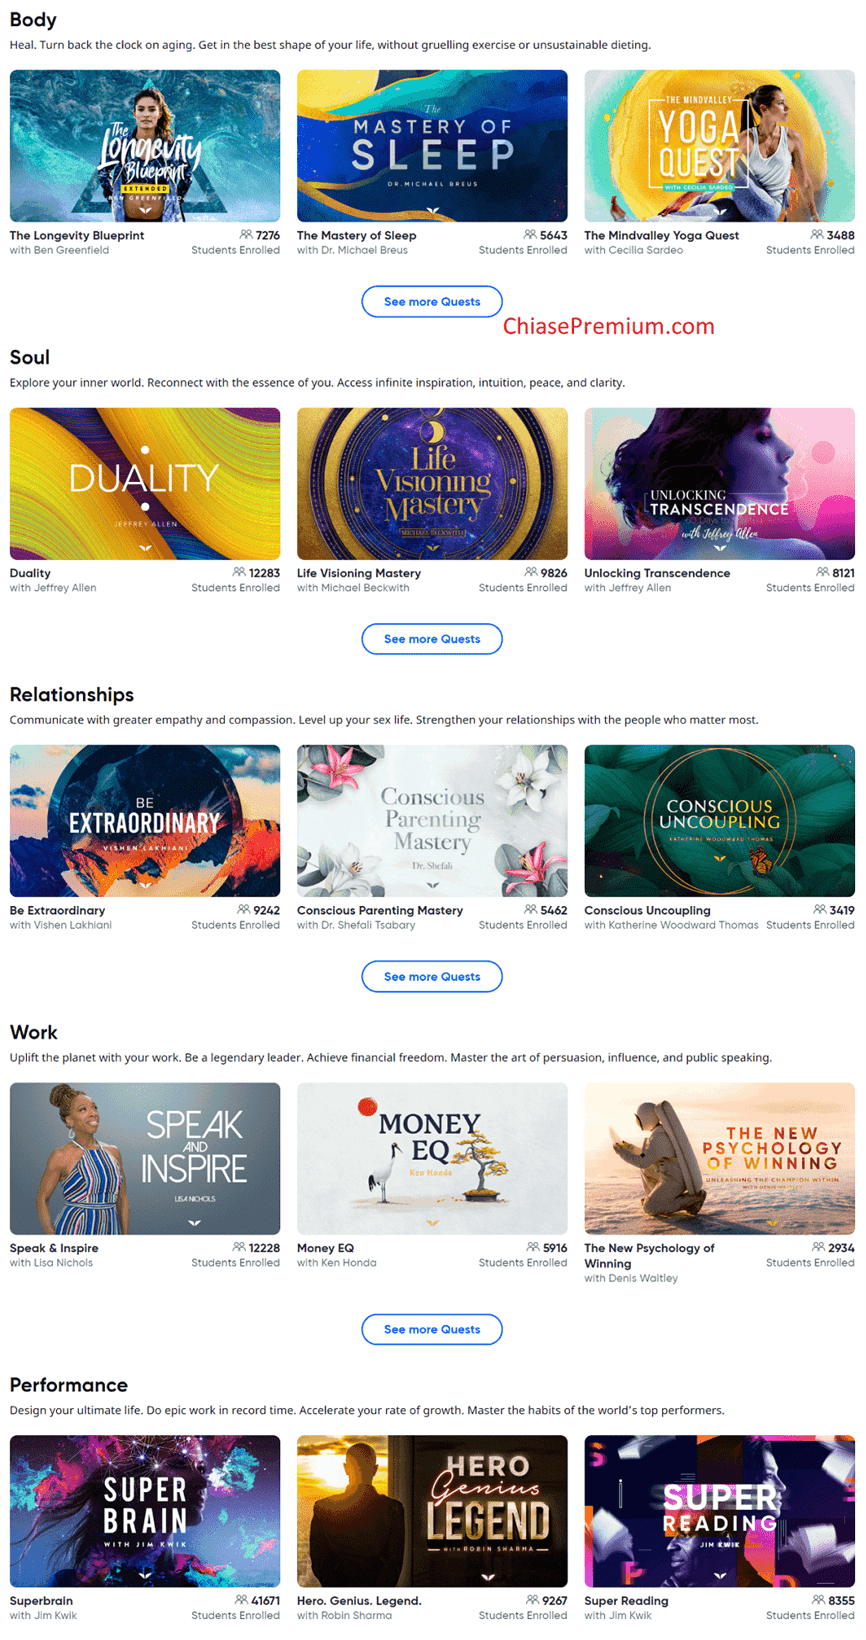 MindValley cung cấp nhiều nội dung tuyệt vời dành cho những người muốn đạt được sự cả cân bằng ở cả ba khía cạnh là Trí tuệ, Thể chất và Tinh thần